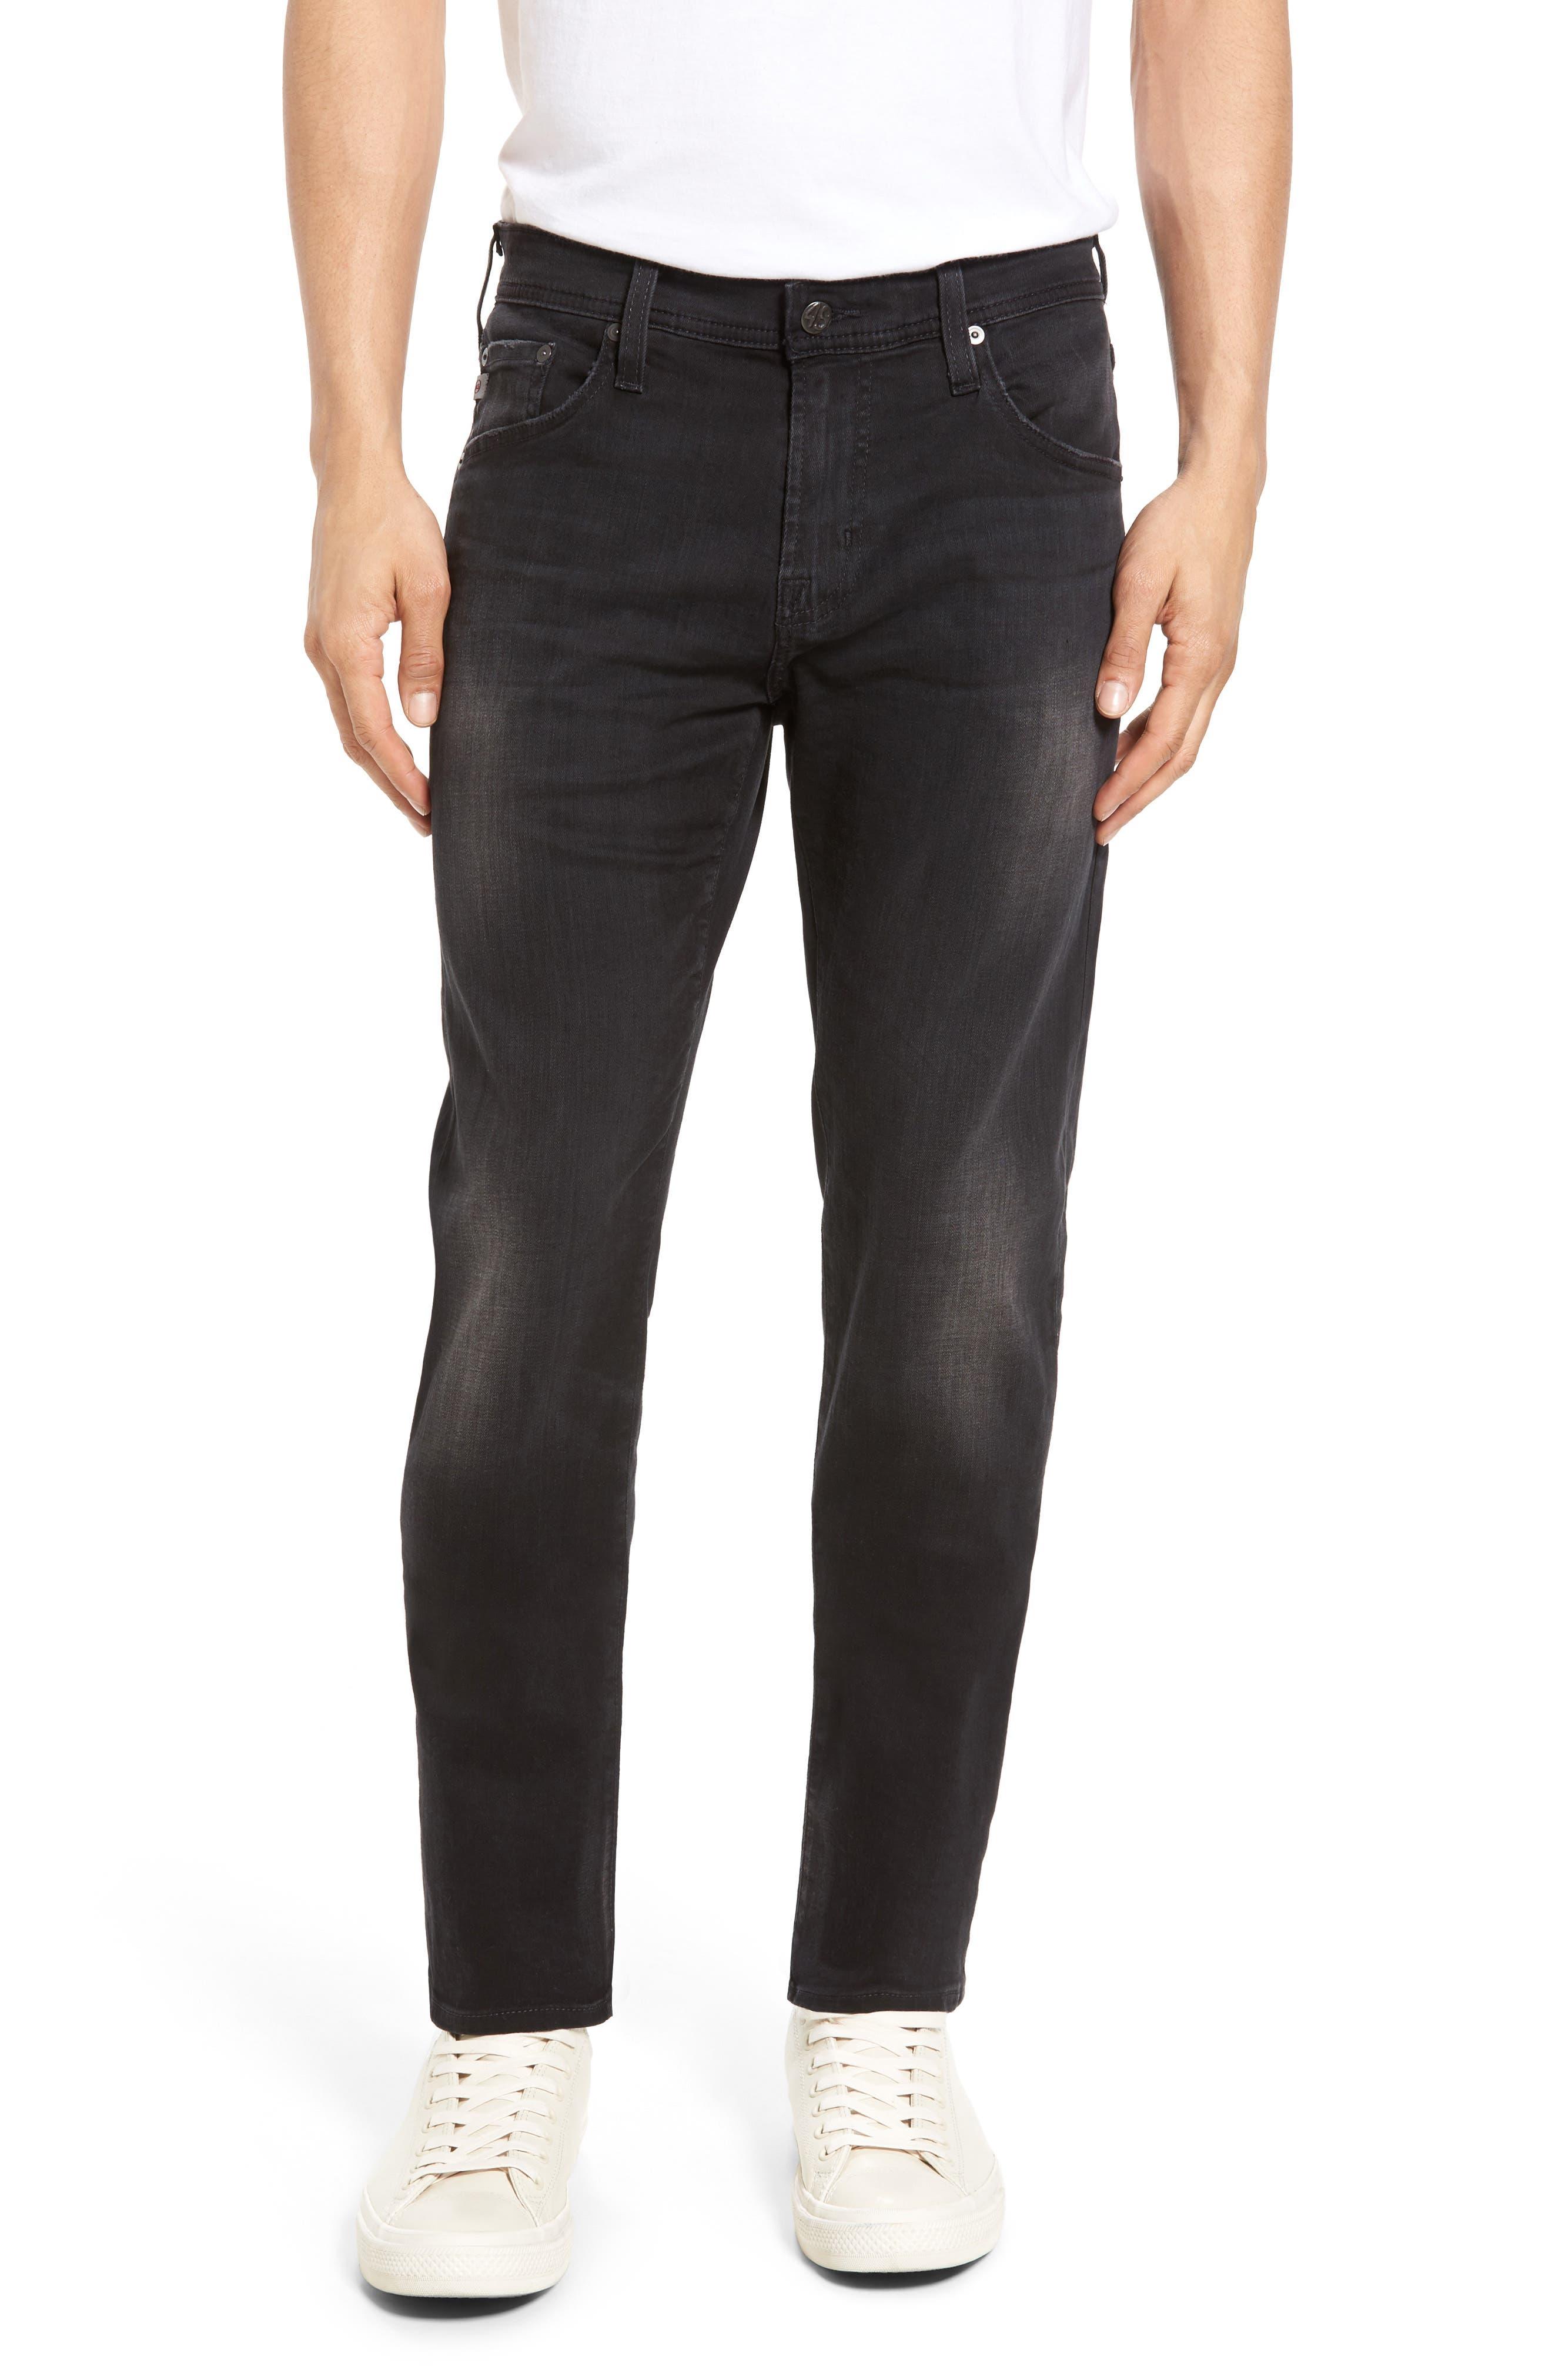 Tellis Slim Fit Jeans,                         Main,                         color, 3 Years Cinema